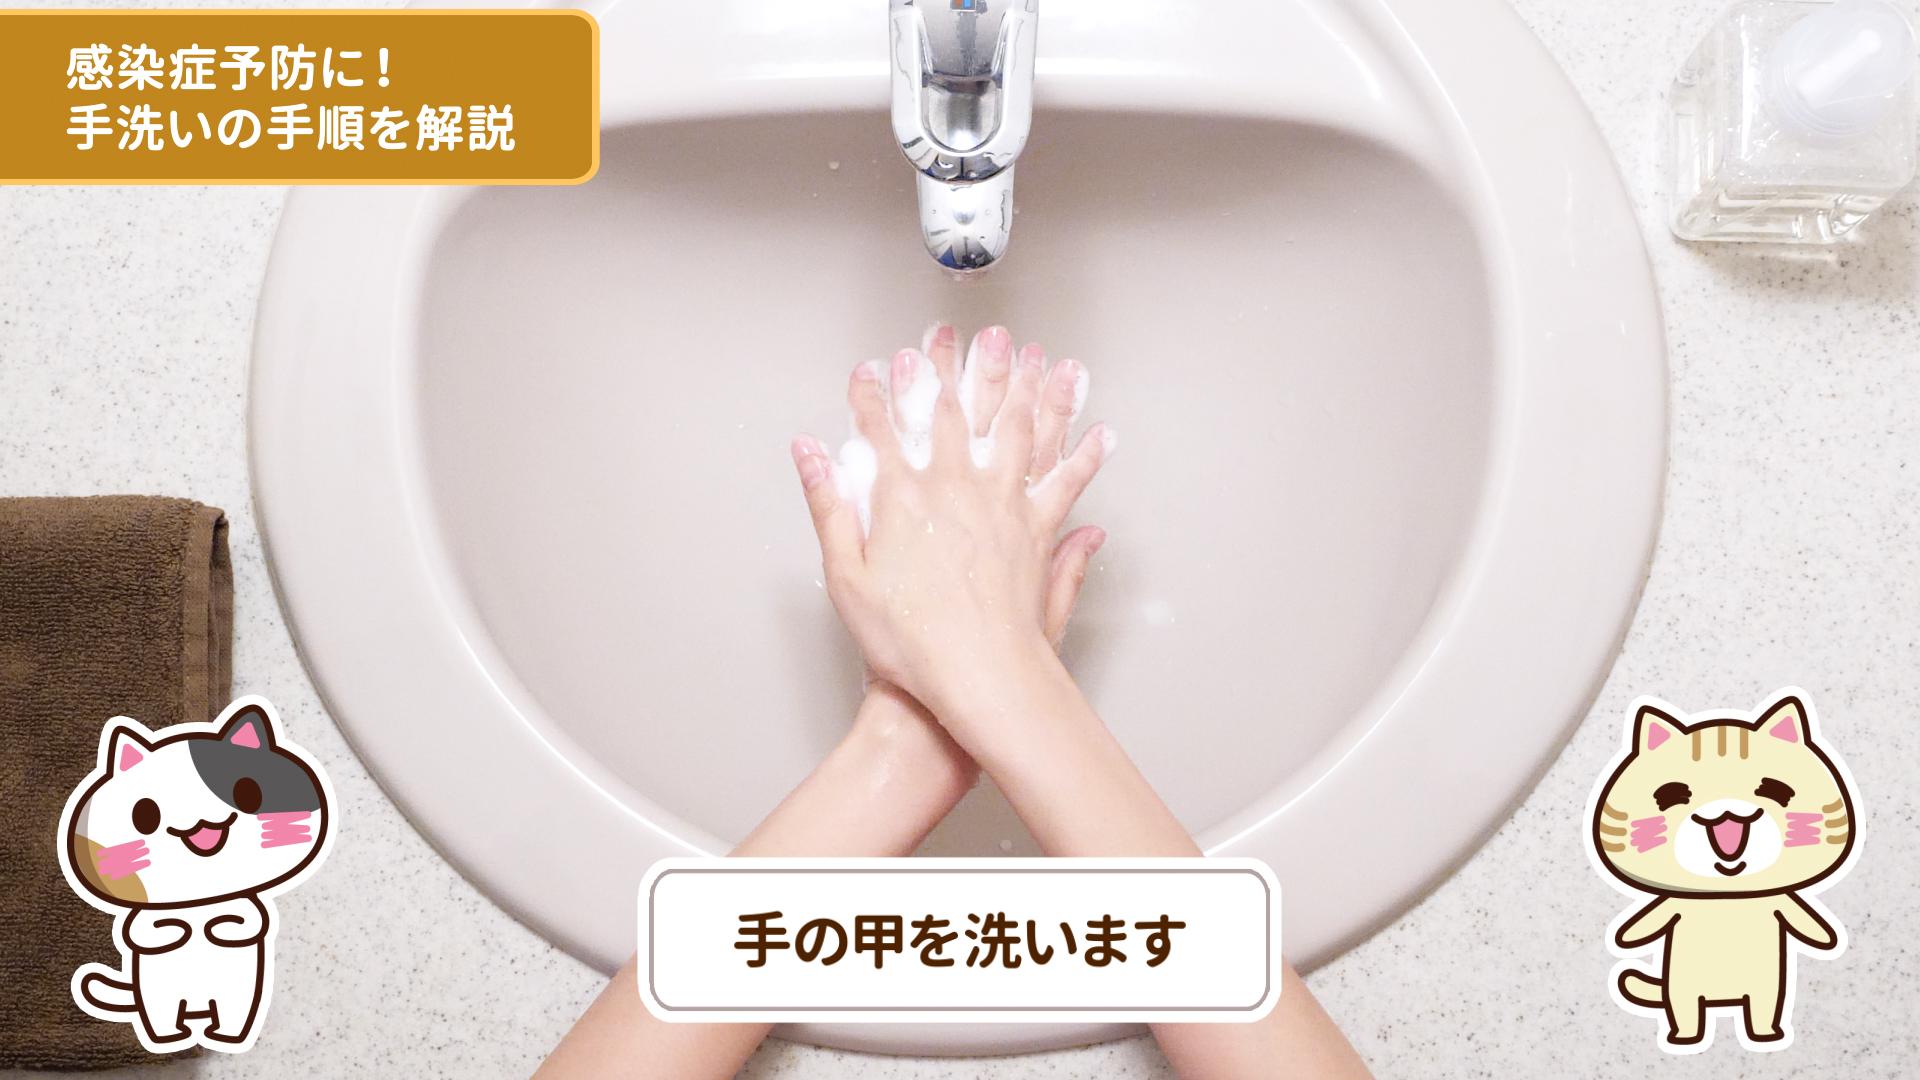 手の甲を洗うのイメージ